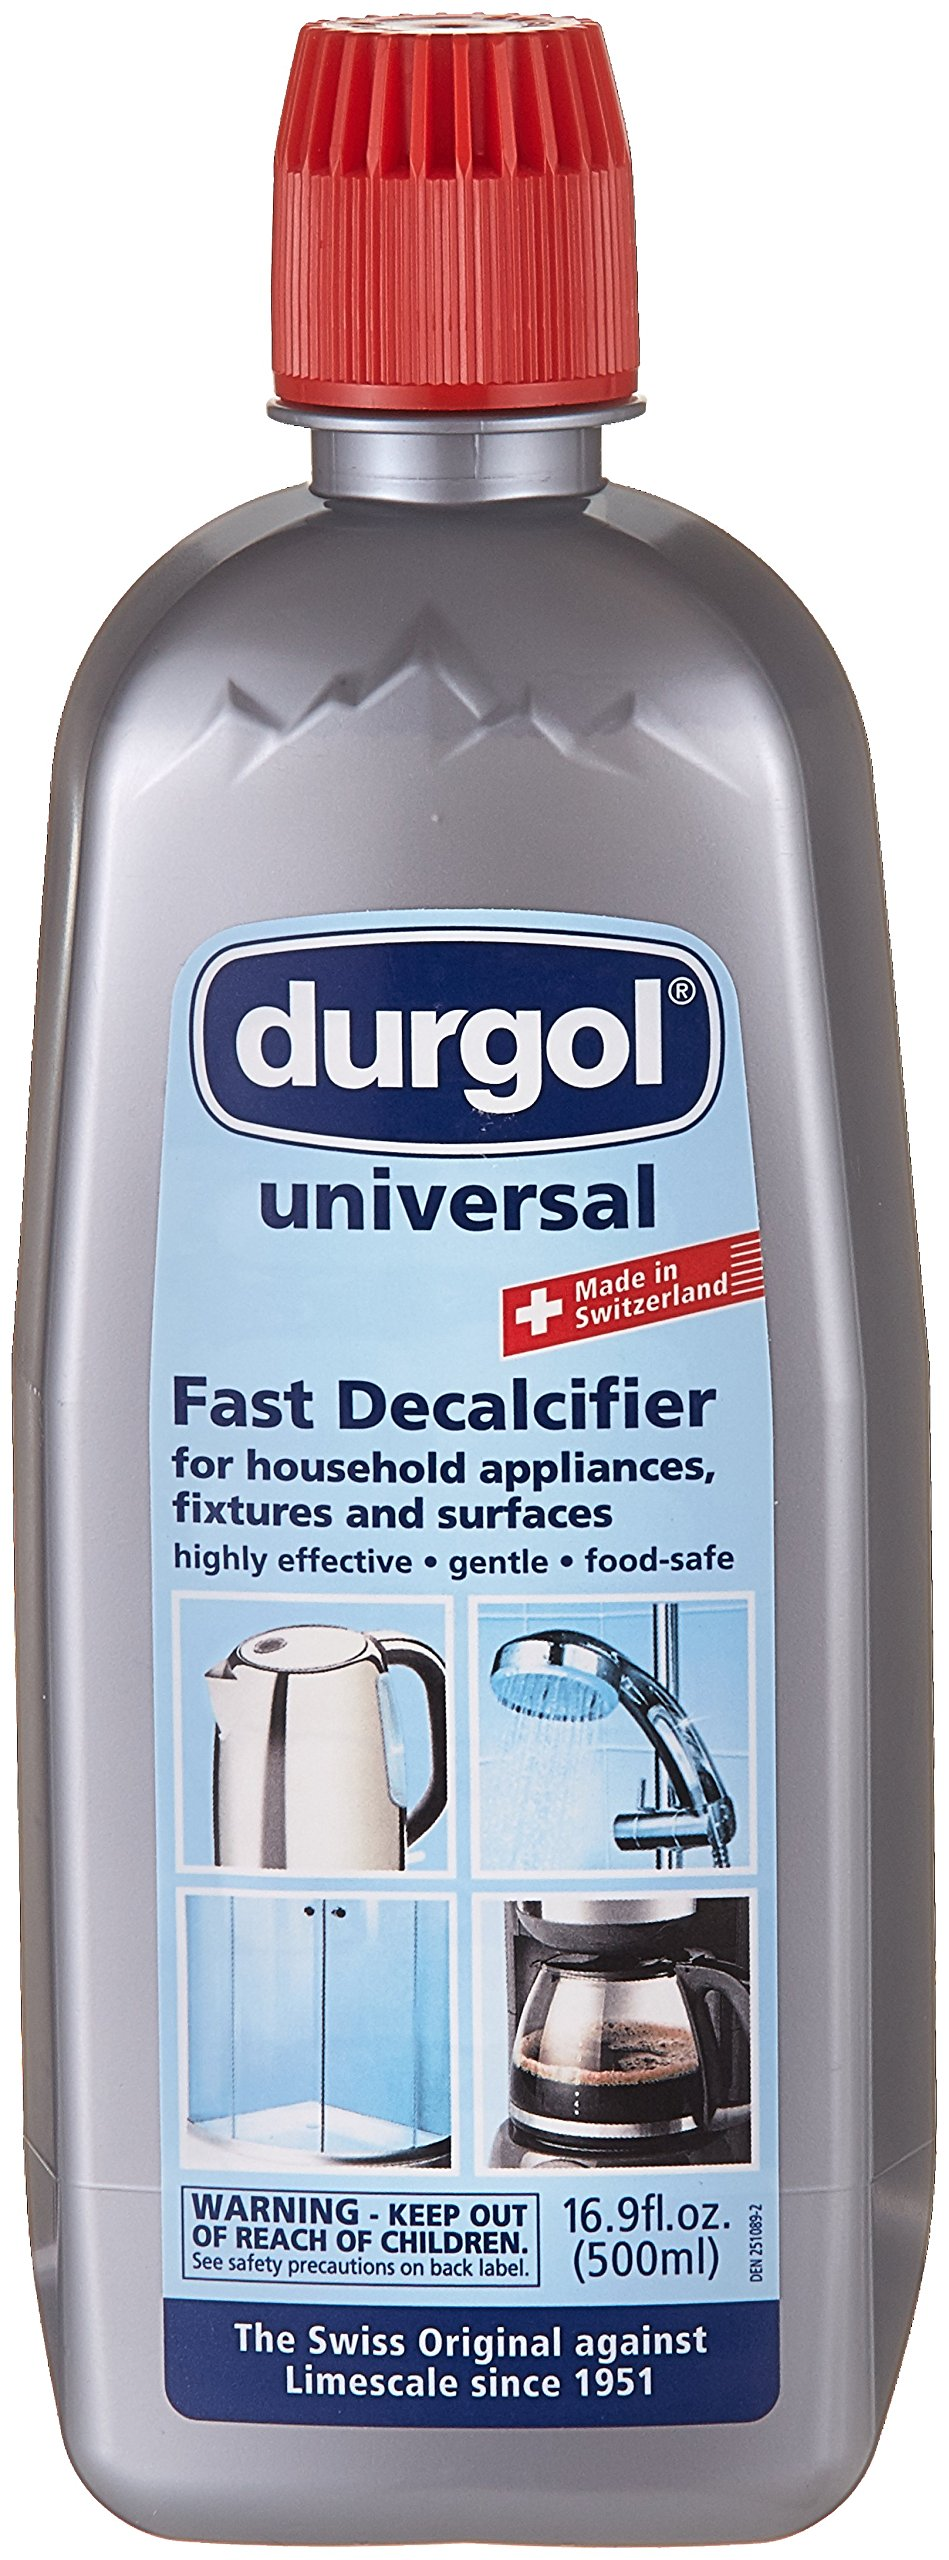 Durgol 0296 Universal Express Multipurpose Descaler/Decalcifier, 16.9 Fluid Ounce Bottle Blue by Durgol (Image #1)